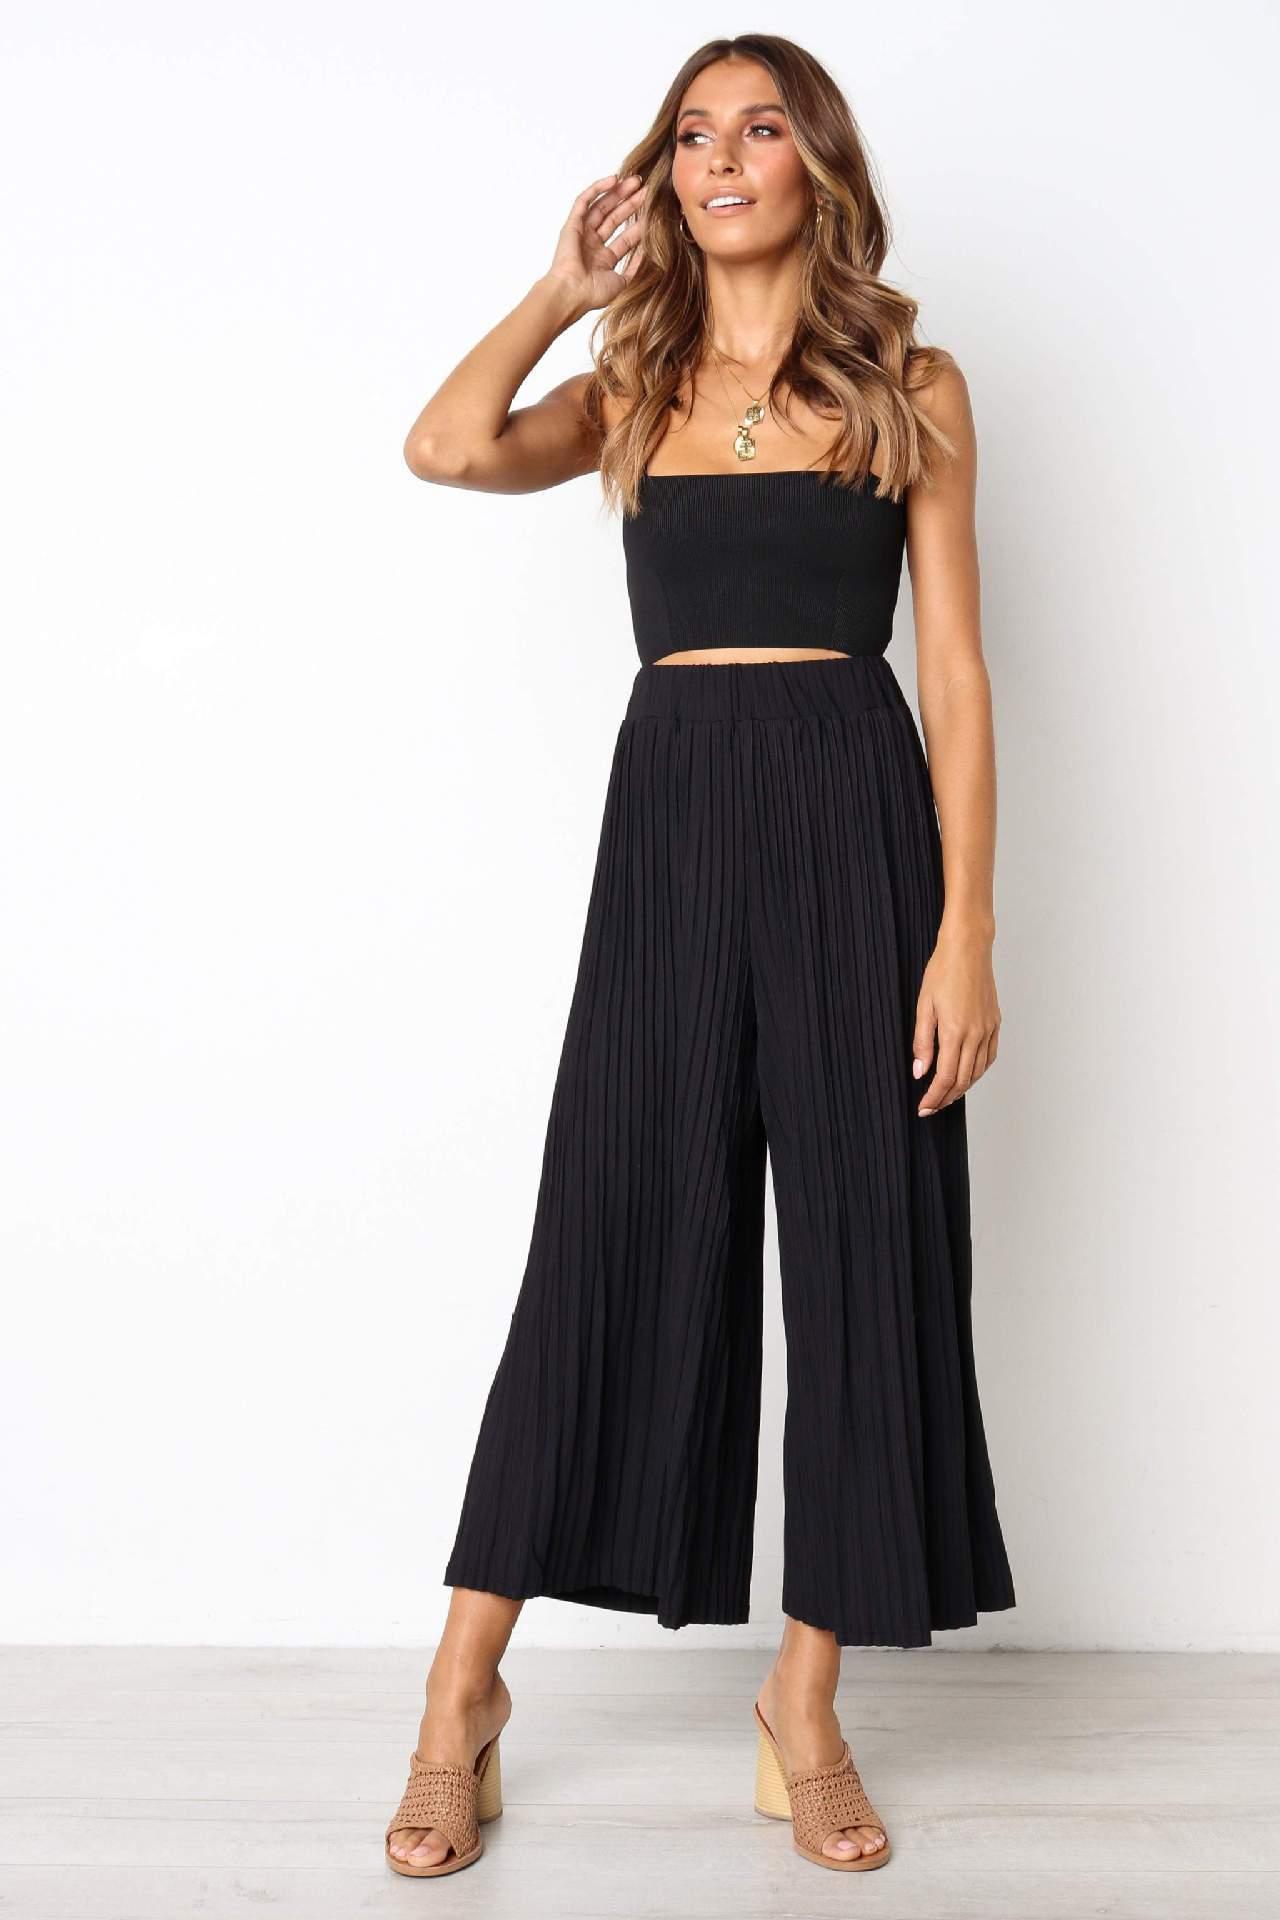 bodysuit women rompers womens jumpsuit hot style pressure 2 sets plait slacks sexy women clothes vestidos BLK8808